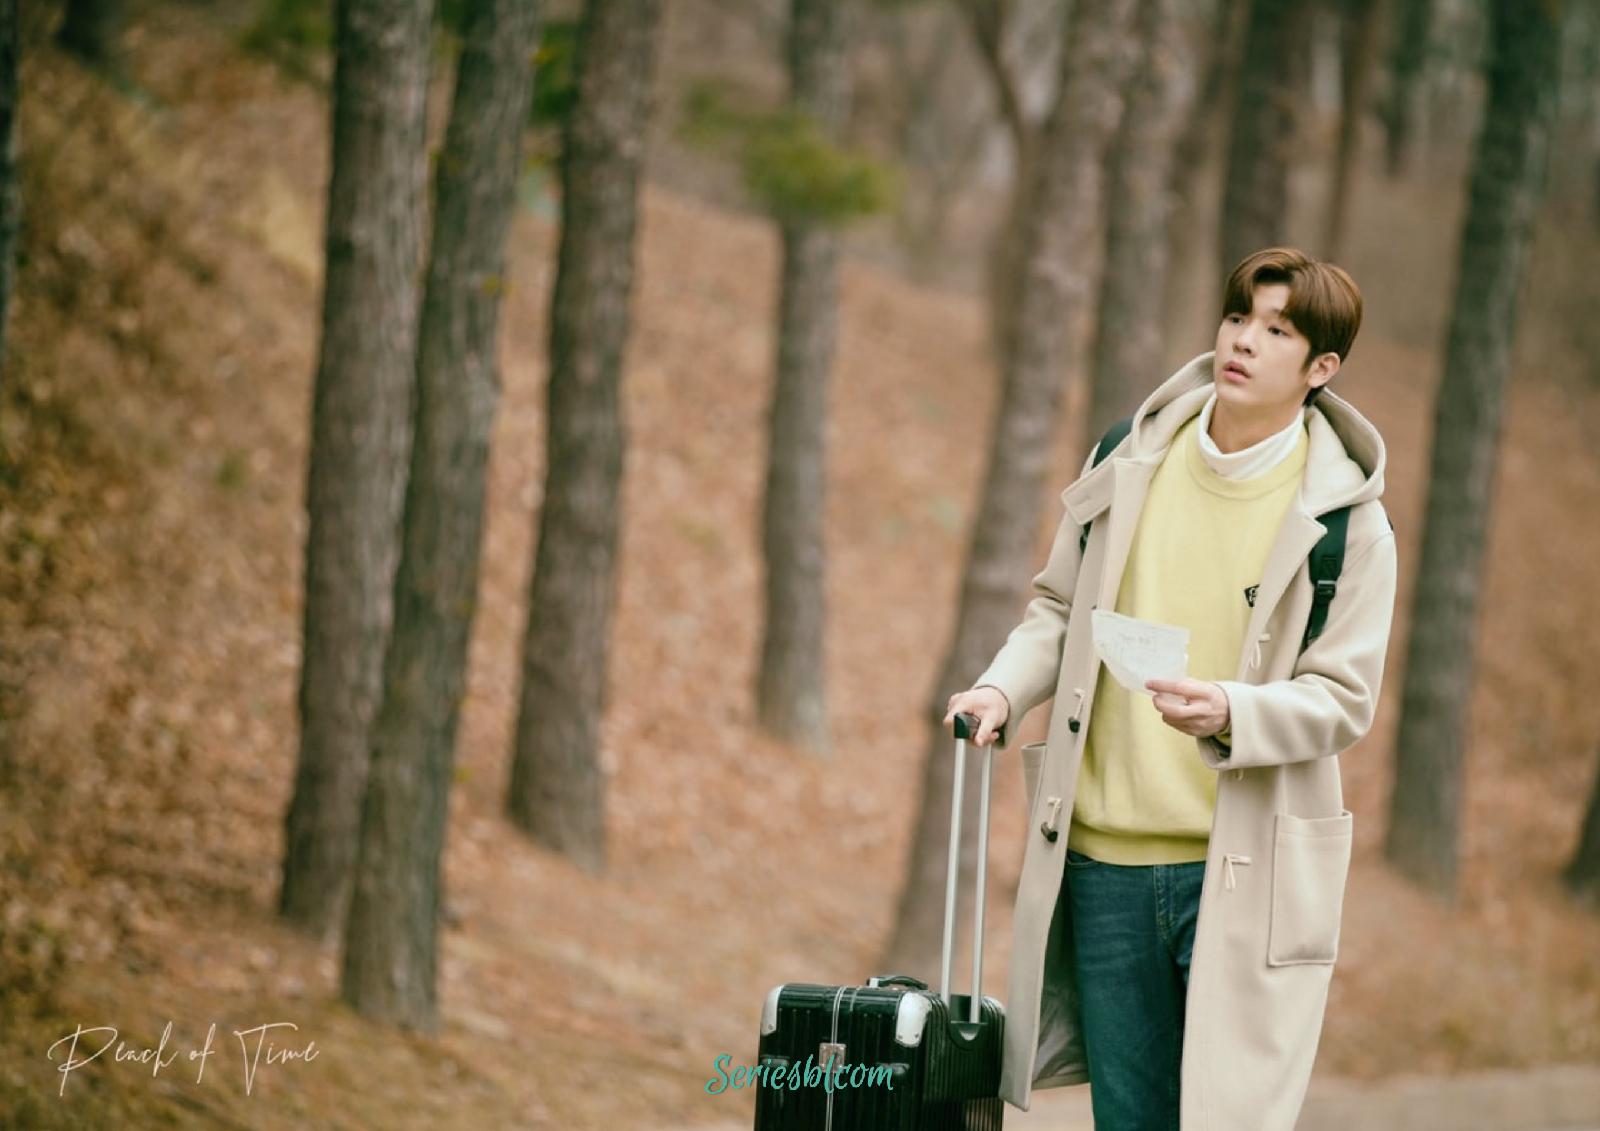 Foram liberadas novas fotos do BL coreano Peach Of Time protagonizado por  Jimmy, Tommy e Choi Jaehyun. Com previsão de estreia para o segundo  trimestre!